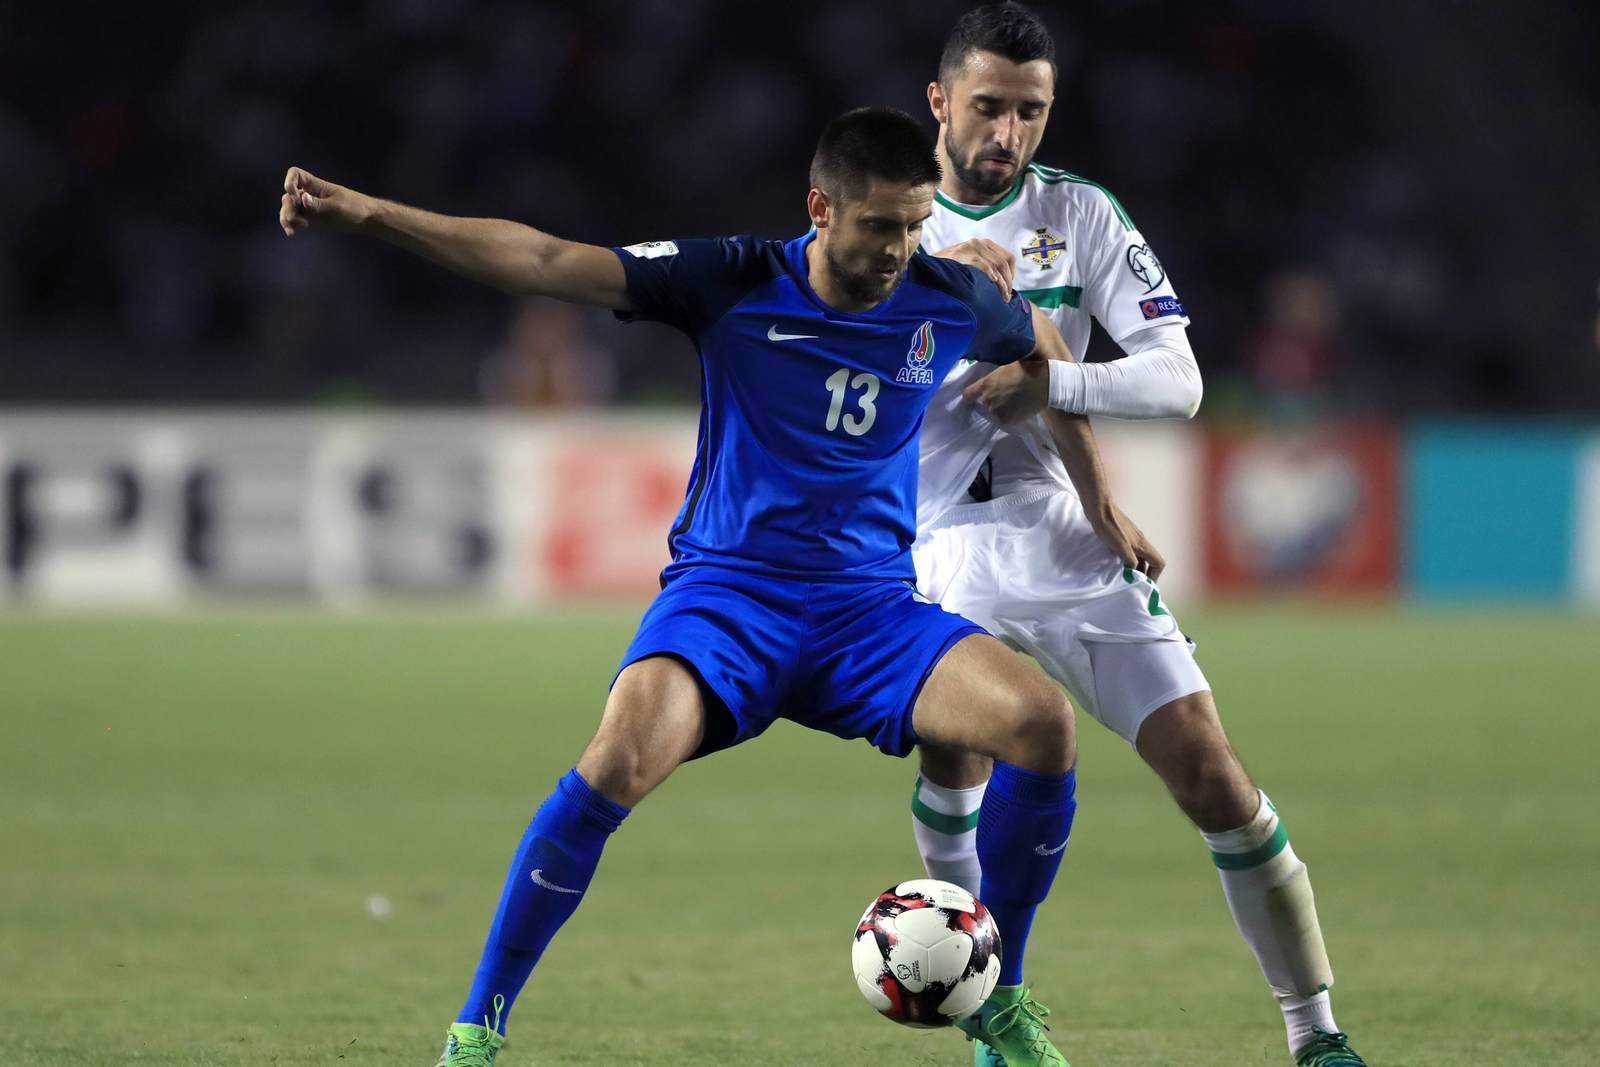 Dimitrij Nazarov im Duell mit Conor Mc Laughlin. Jetzt trifft der FCE-Kicker mit Aserbaidschan auf Deutschland.